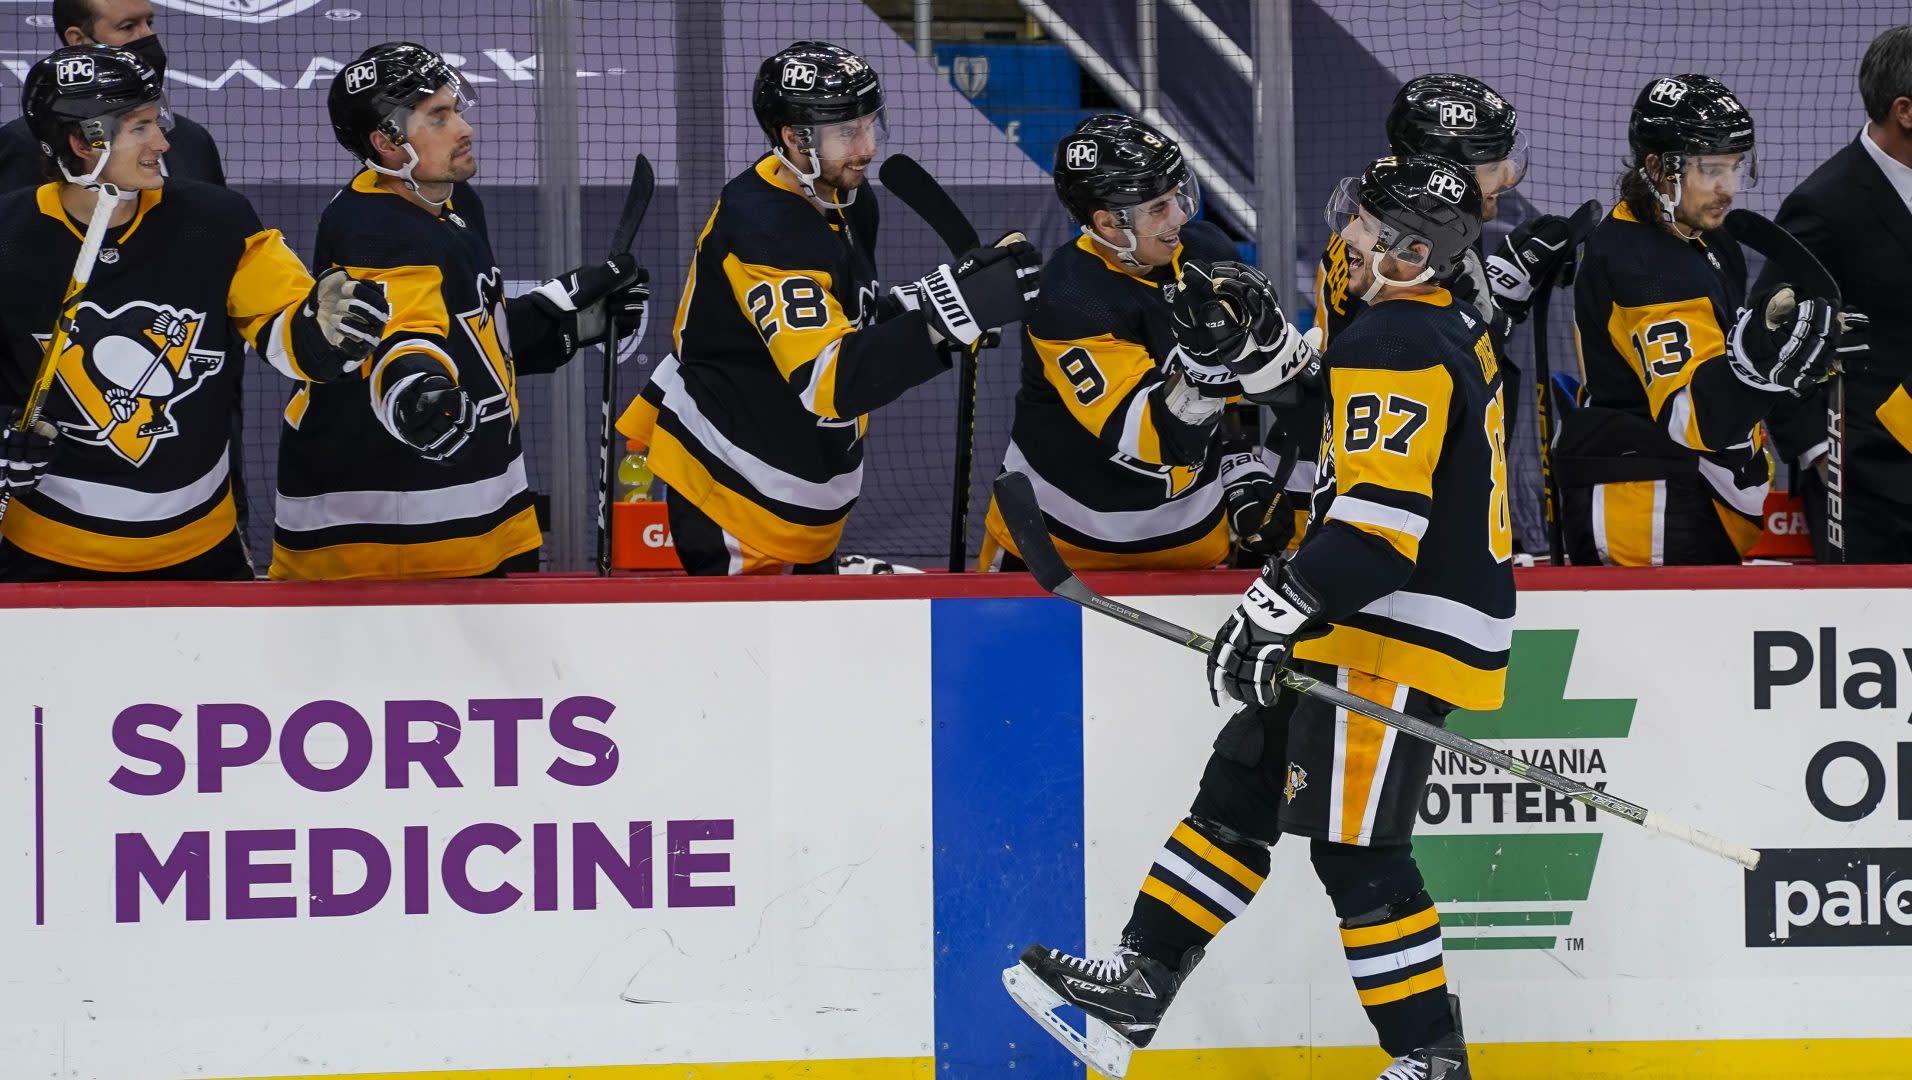 Penguins score 3 goals in 61 seconds to beat Rangers